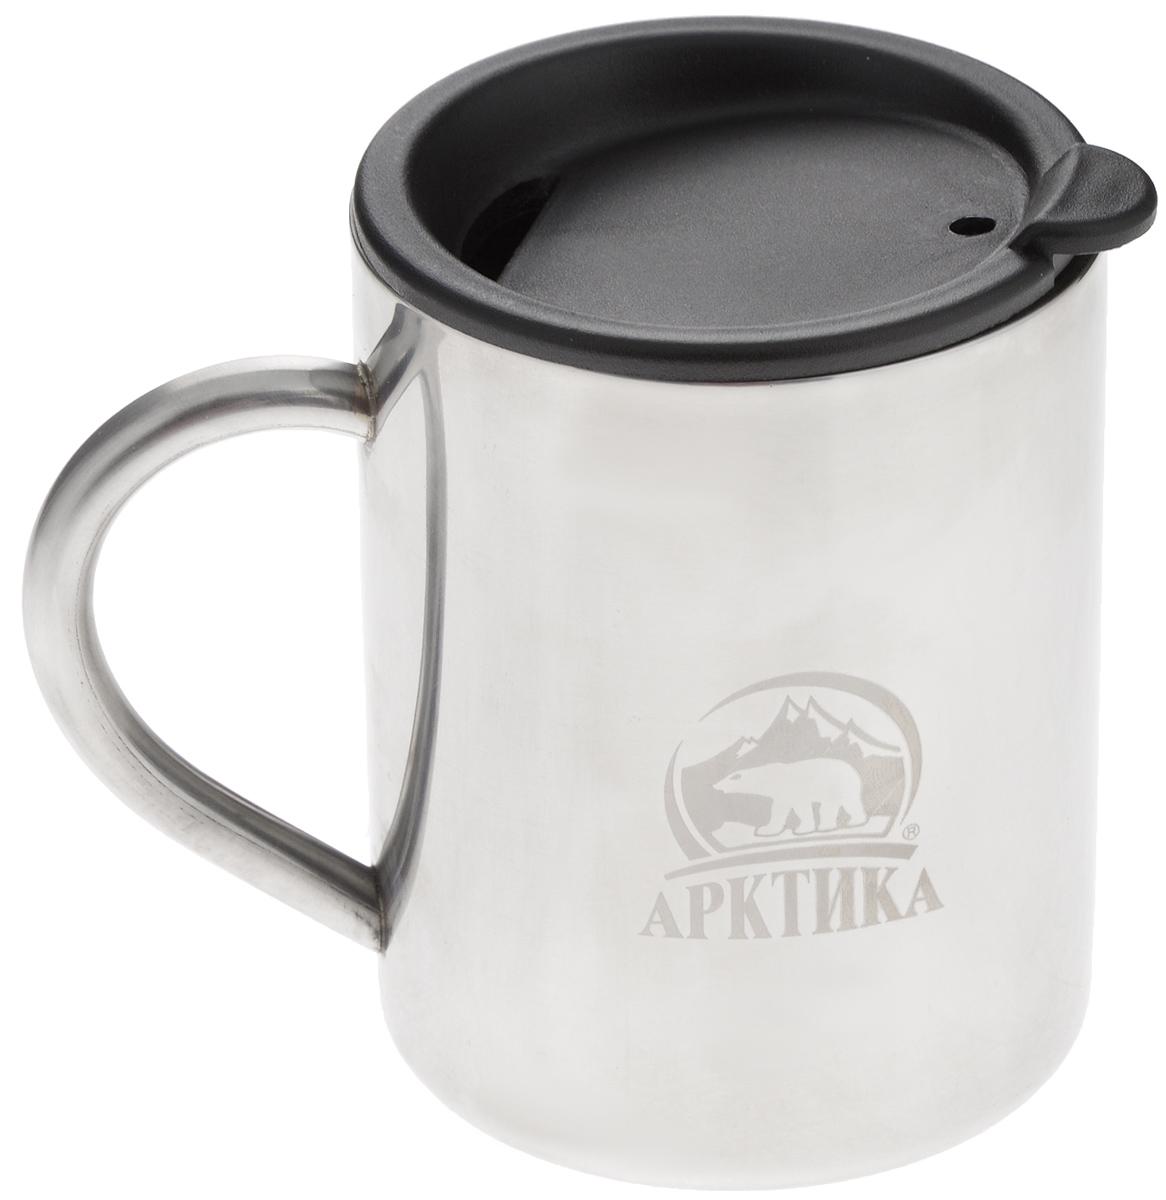 Термокружка Арктика, цвет: металлик, черный, 0,4 л801-400Термокружка Арктика одинаково хороша и при использовании дома, если вы любите растягивать удовольствие от напитка и вам не нравится, что он так быстро остывает, и на даче, где такая посуда особенно впору в силу своей прочности, долговечности и практичности. Изделием приятно пользоваться, ведь оно не обжигает руки, его легко мыть. Термокружка выполнена из прочной нержавеющей стали, благодаря чему ее можно не бояться уронить. Имеется пластиковая крышка с силиконовой вставкой. В ней расположено отверстие, через которое можно пить. Диаметр кружки (по верхнему краю): 7,8 см. Высота кружки (без учета крышки): 10 см.